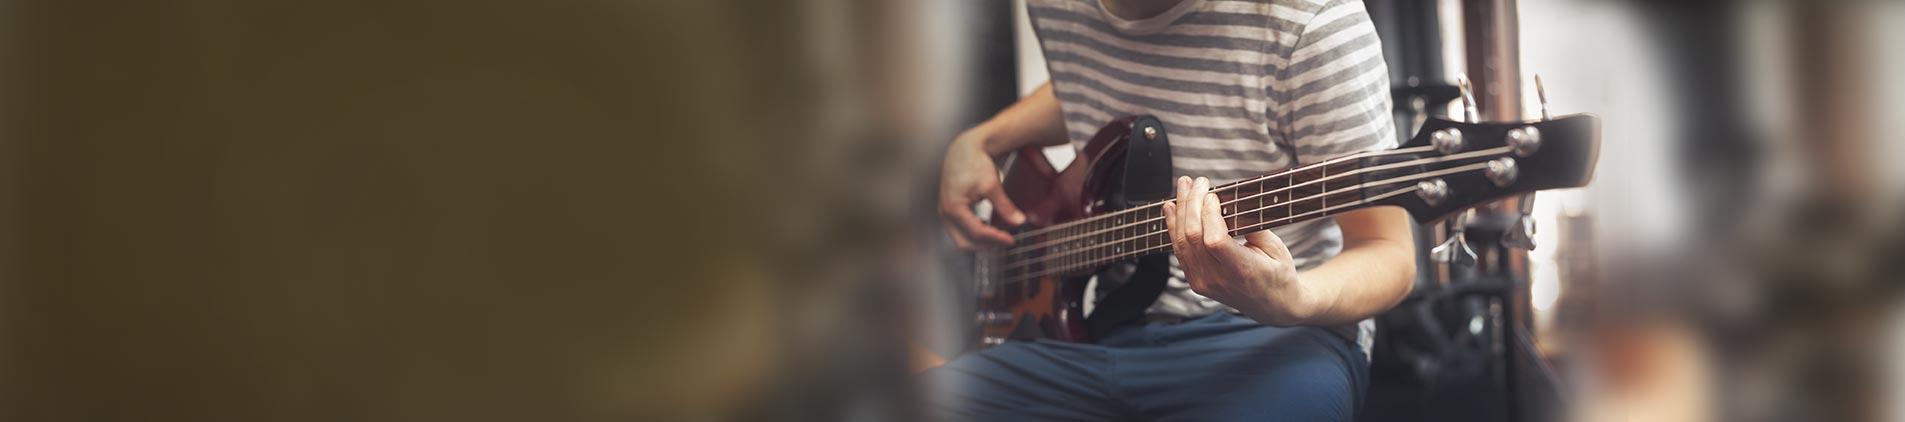 Акция! Бас гитара — 1 375 рублей в подарок!